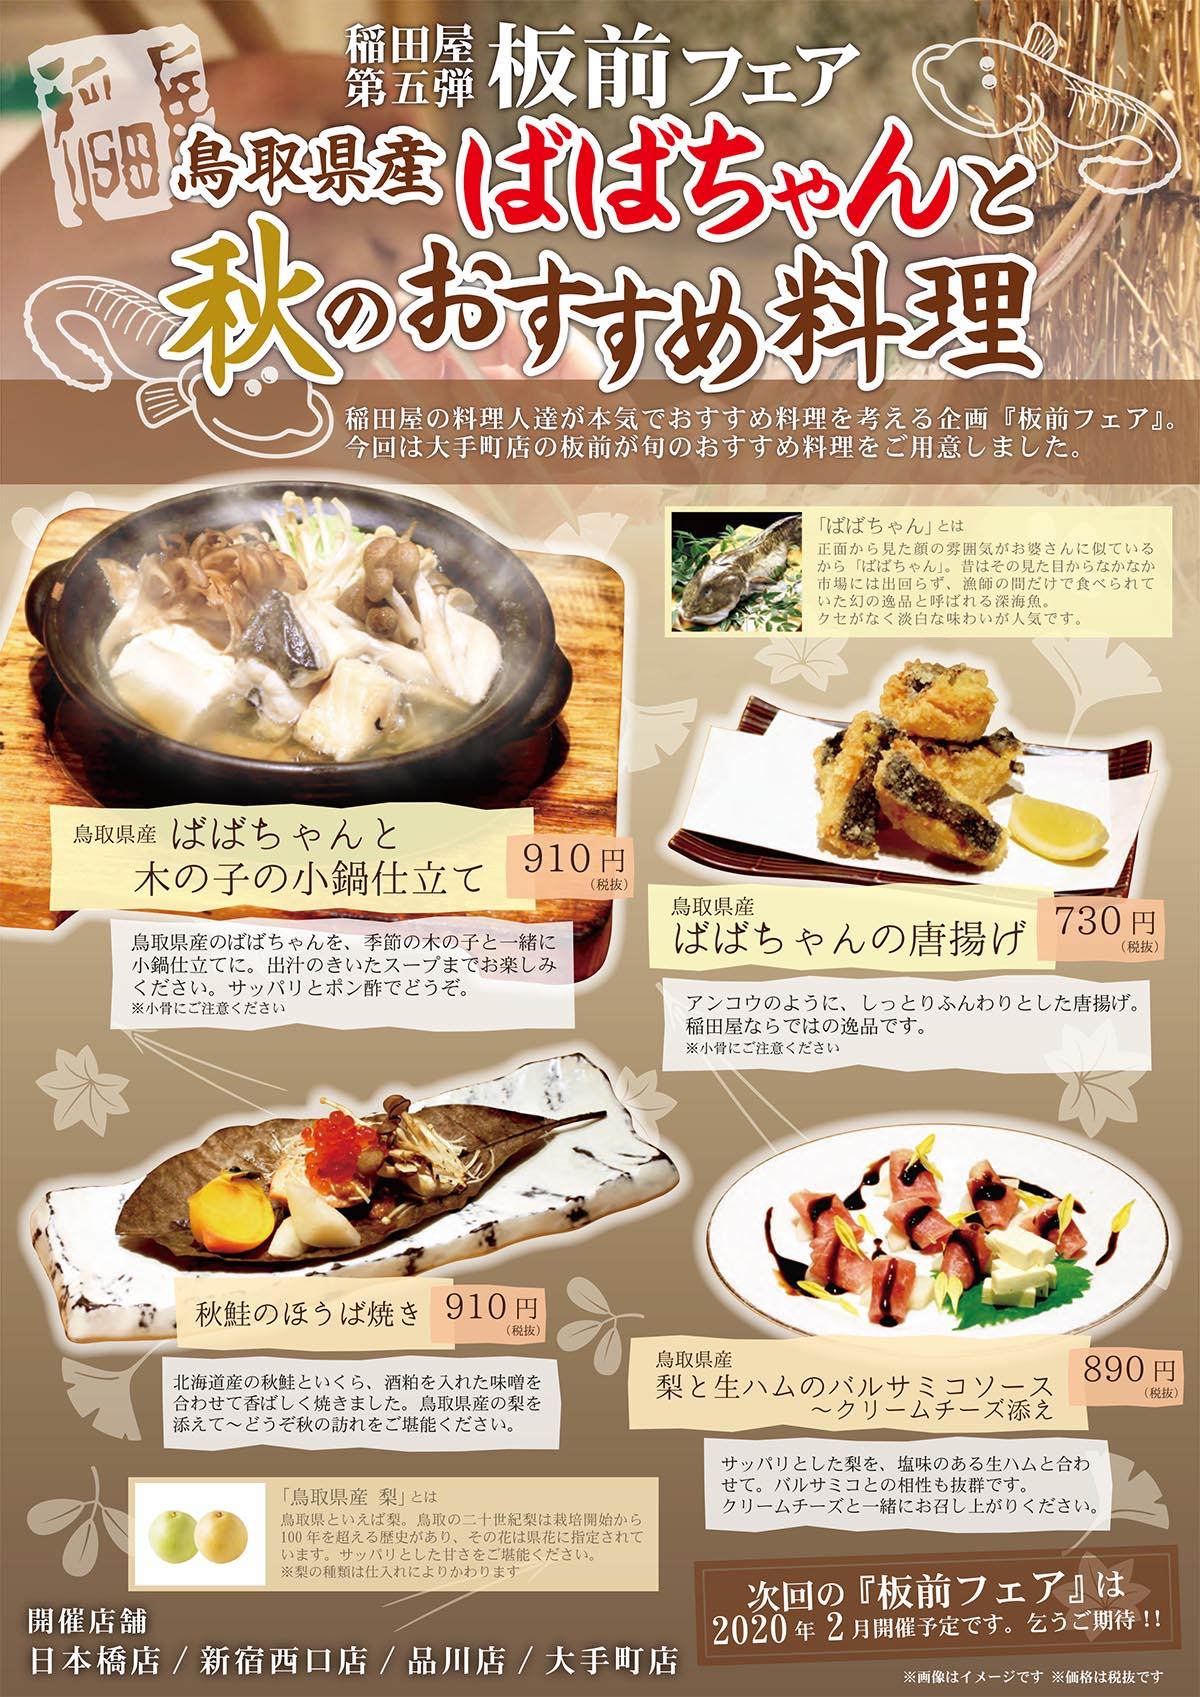 R1.10 板前フェア「ばばちゃんと旬のおすすめ料理」POPイメージ